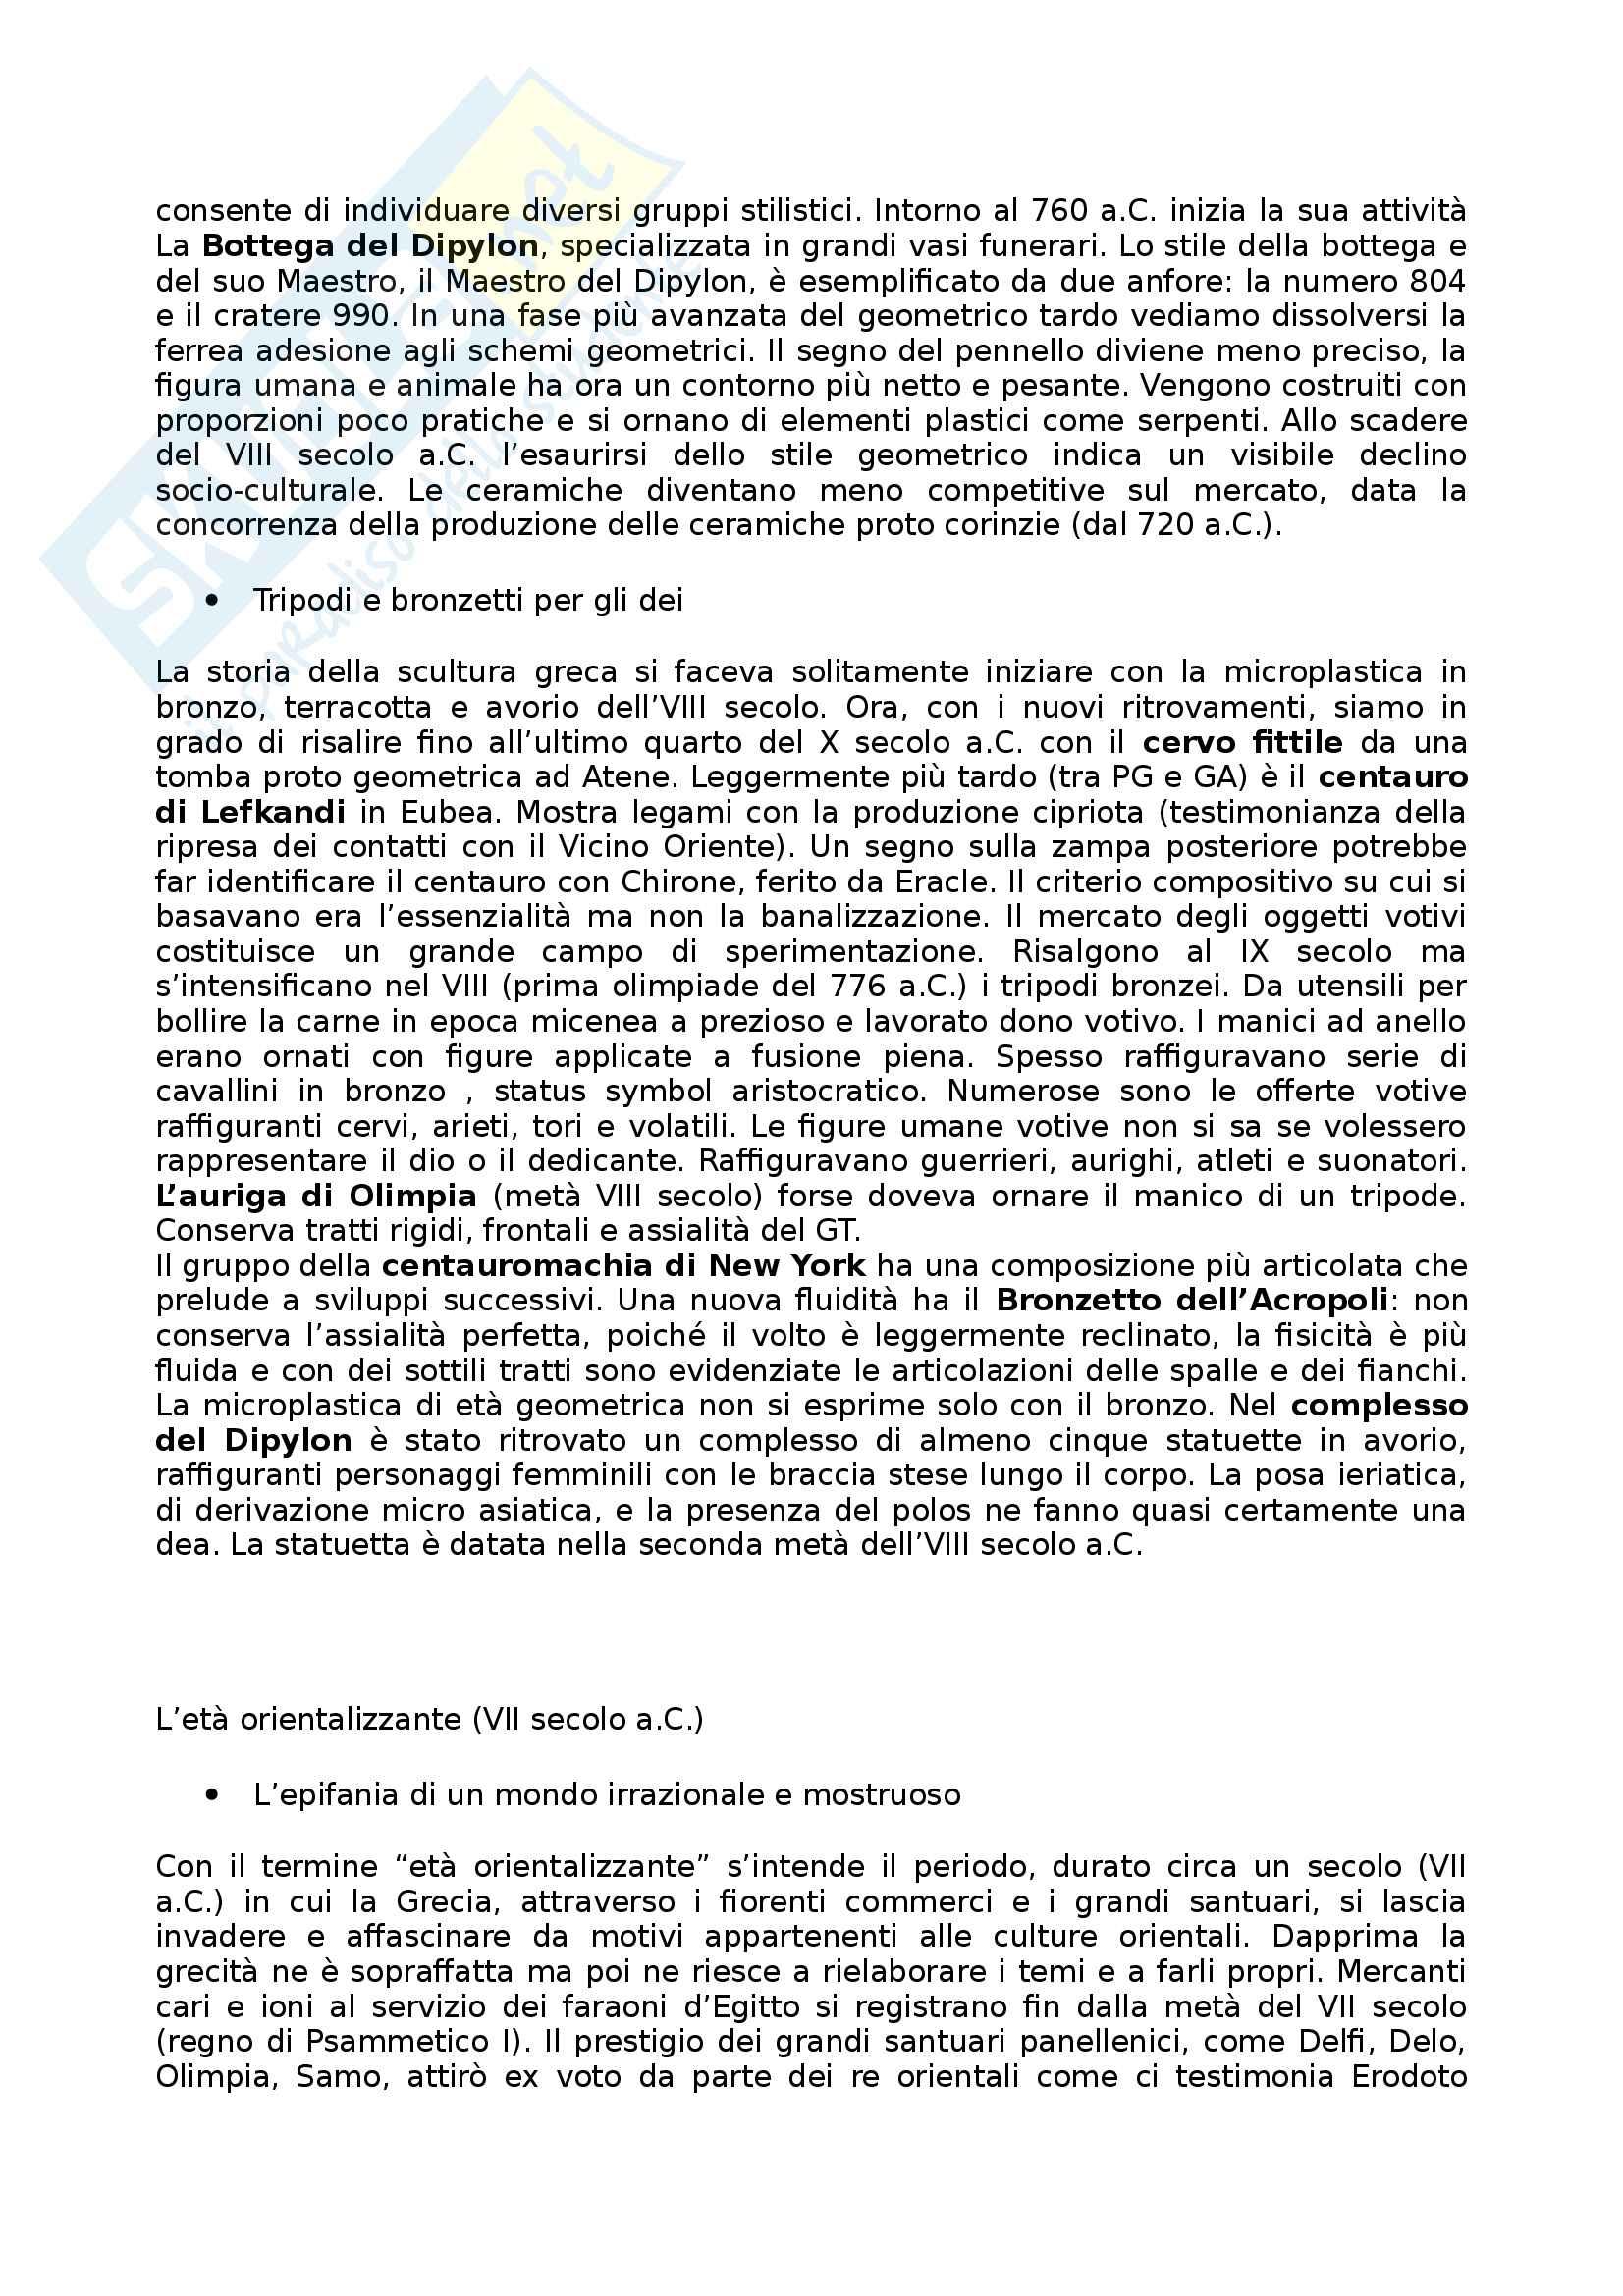 Riassunto esame Arte e Archeologia Greca, prof. Bejor, libro consigliato Arte Greca: Dal decimo al primo secolo a.C di Bejor, Castoldi e Lambrugo Pag. 6